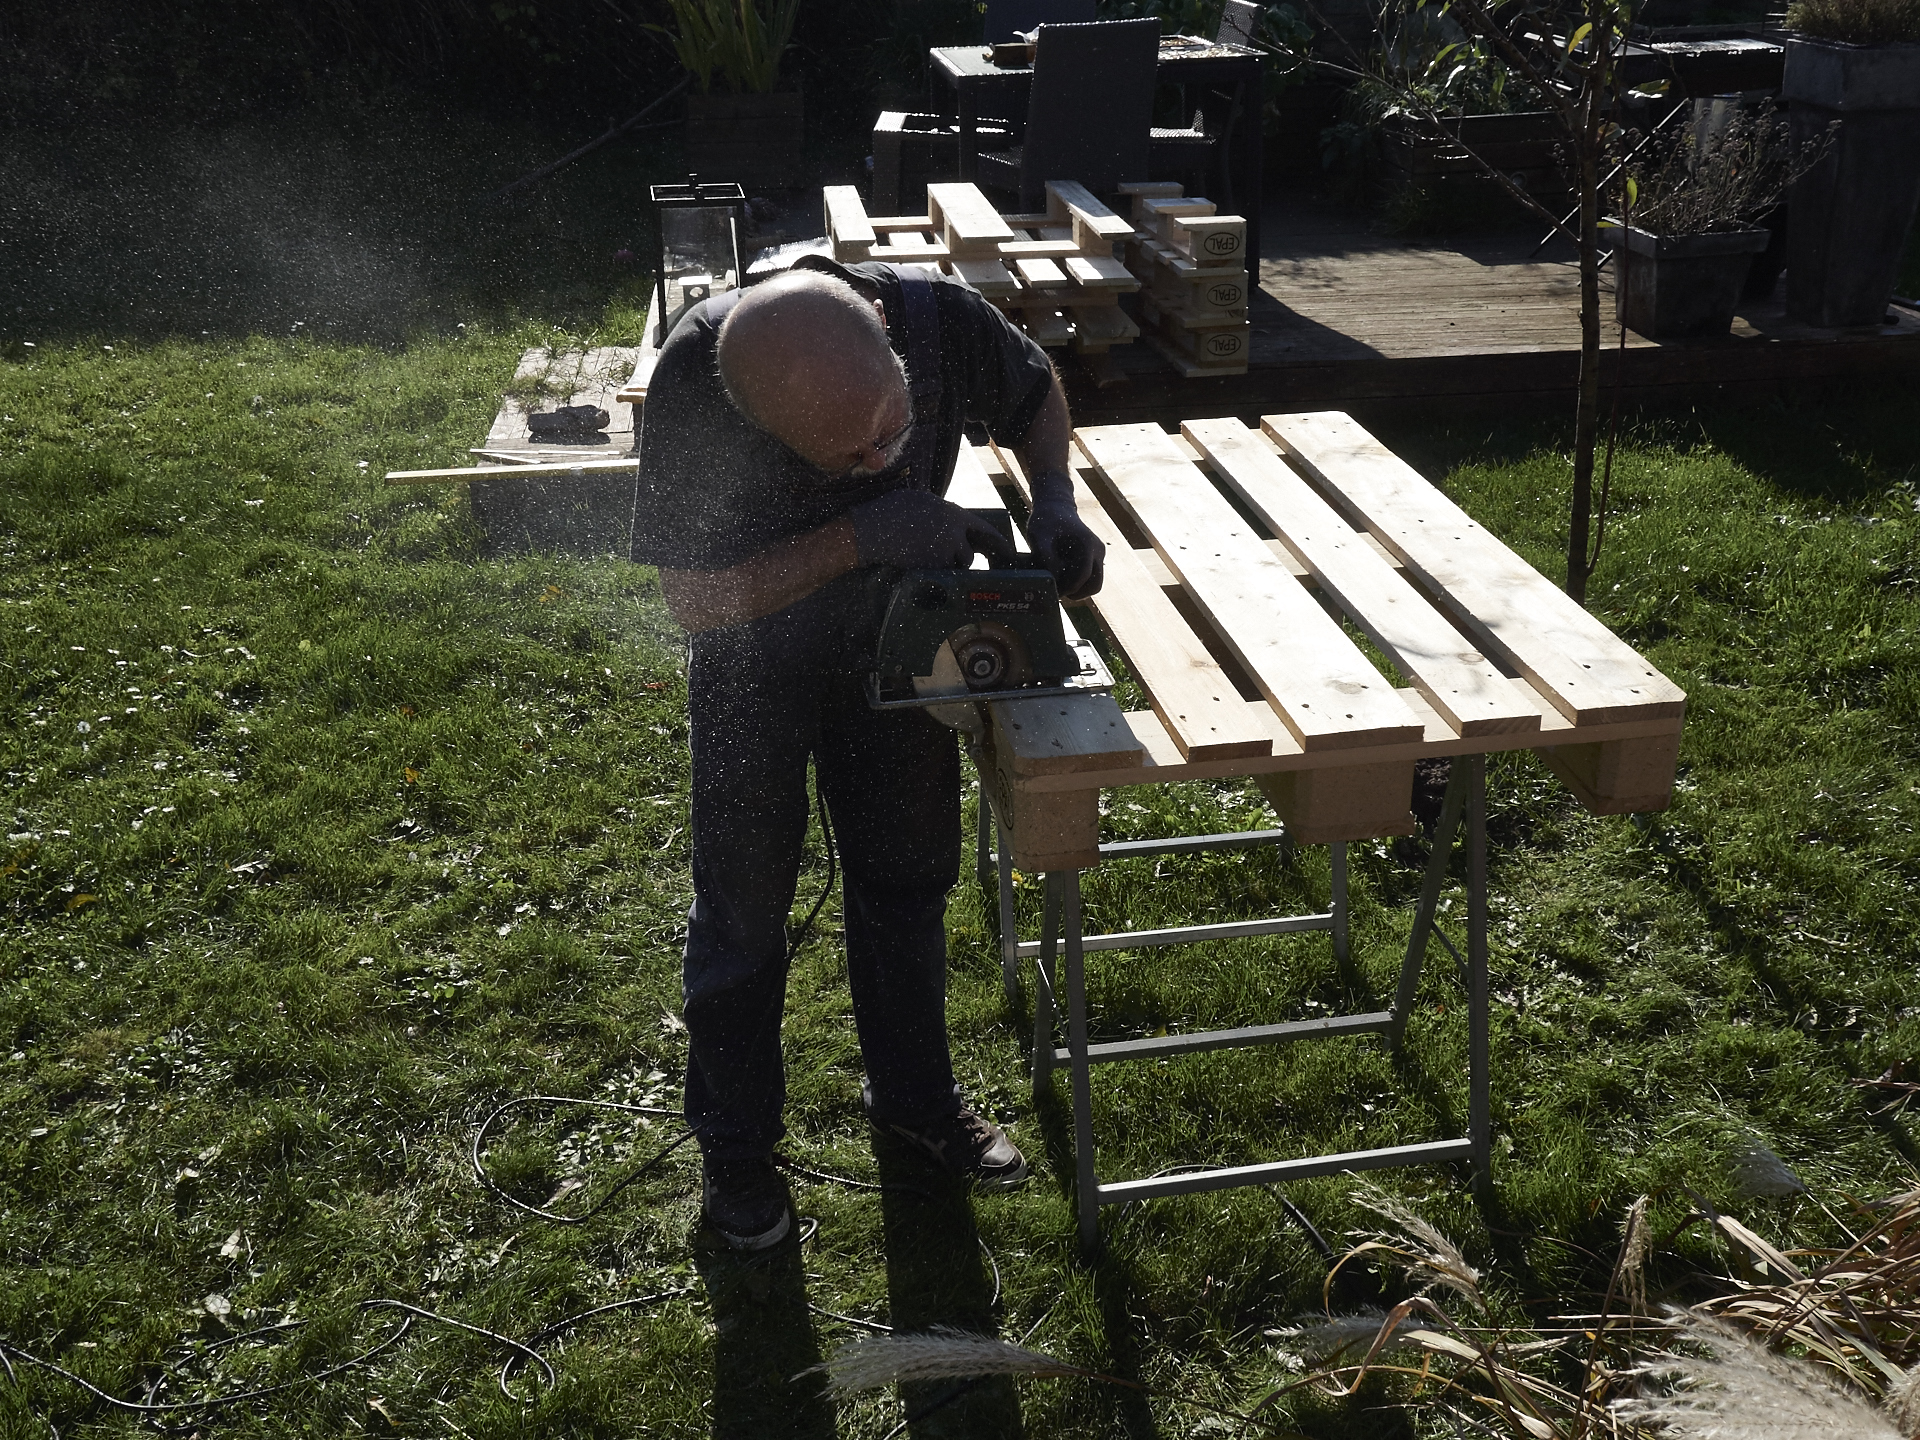 bett aus paletten selbstgebaut, natürlich mit hilfe von bernhardund seinem werkzeug